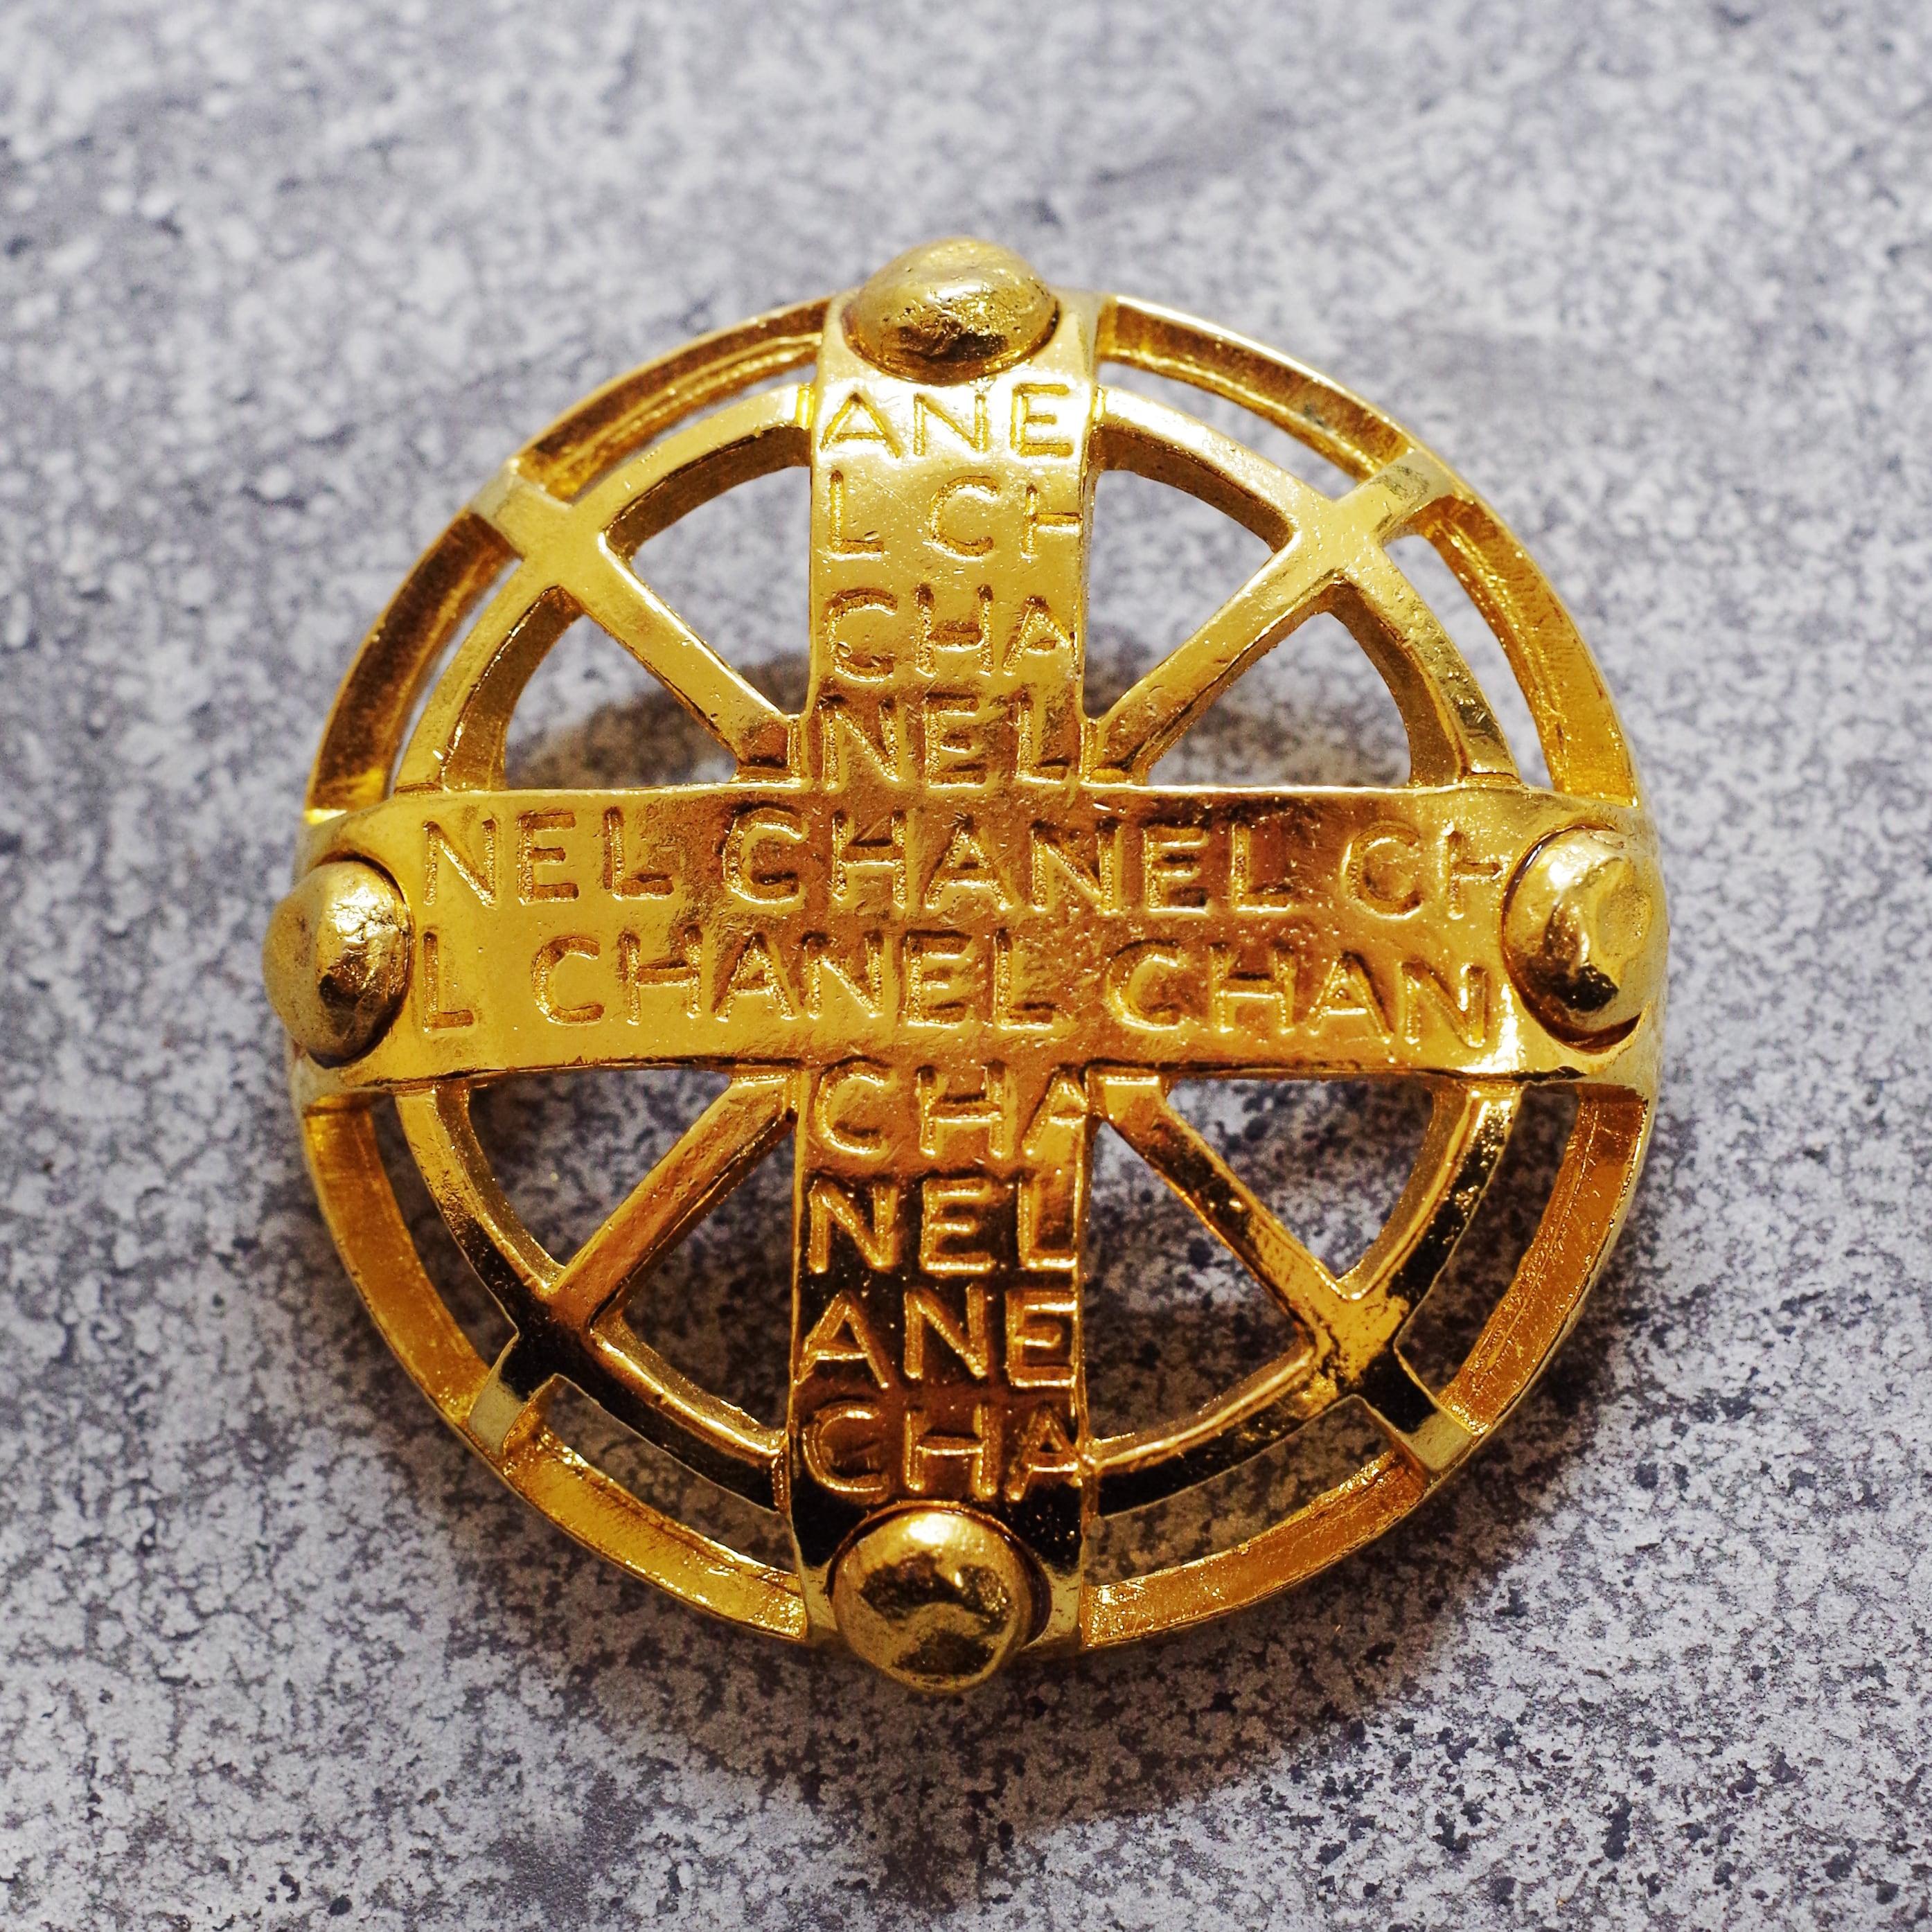 CHANEL シャネル 浮き輪ブローチ ゴールド アクセサリー